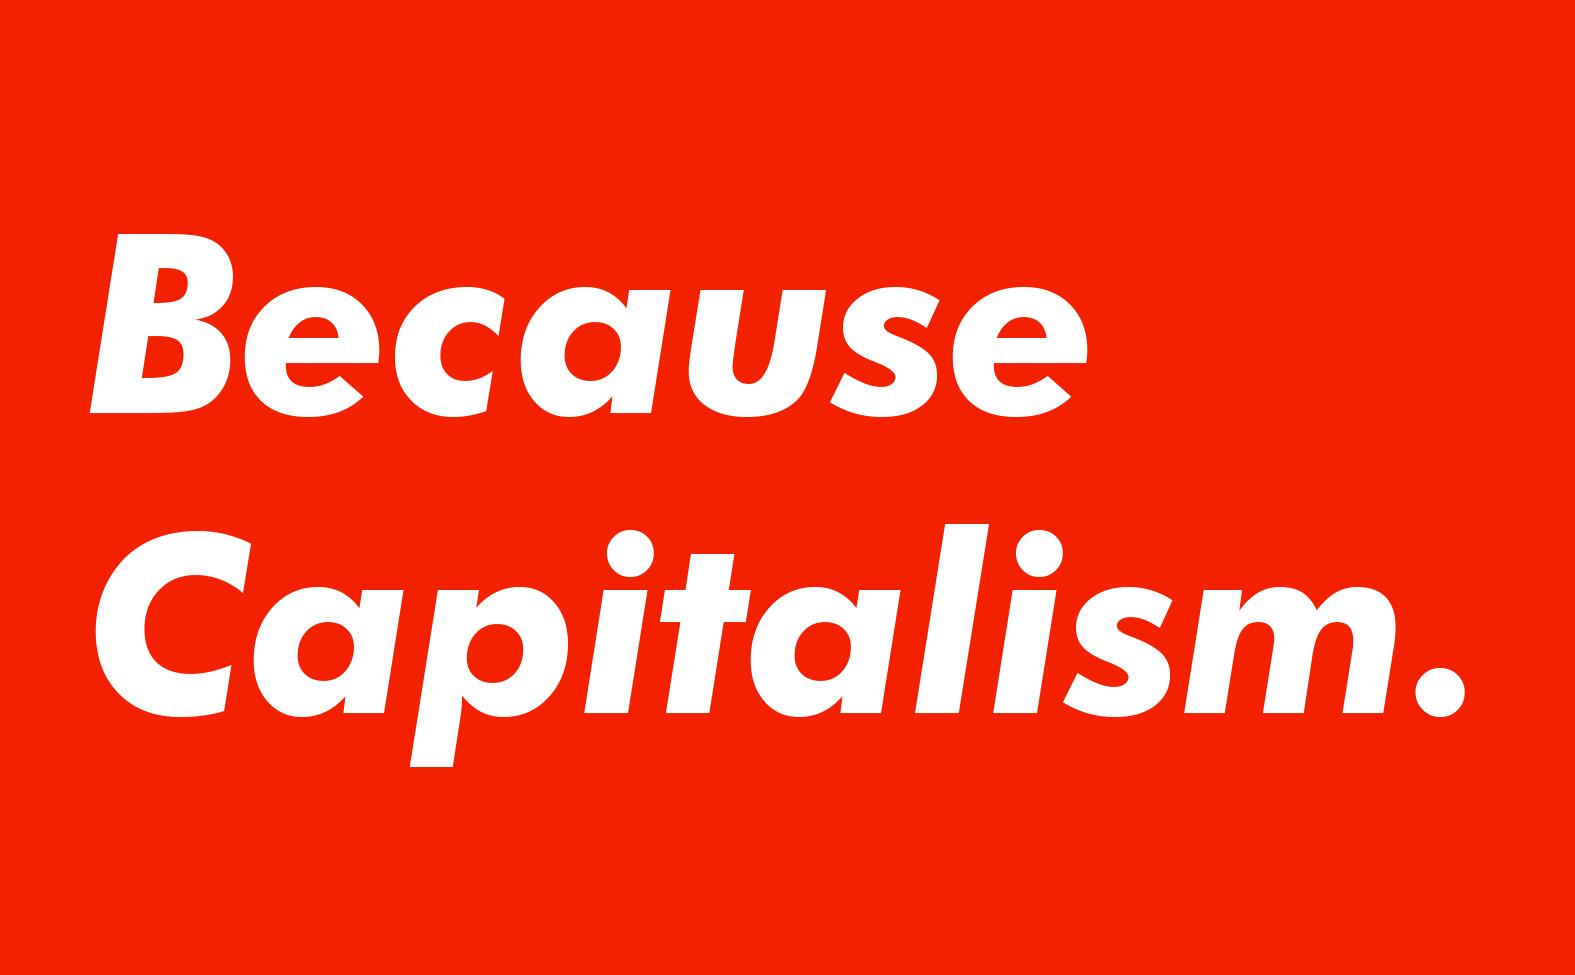 becausecapitalism